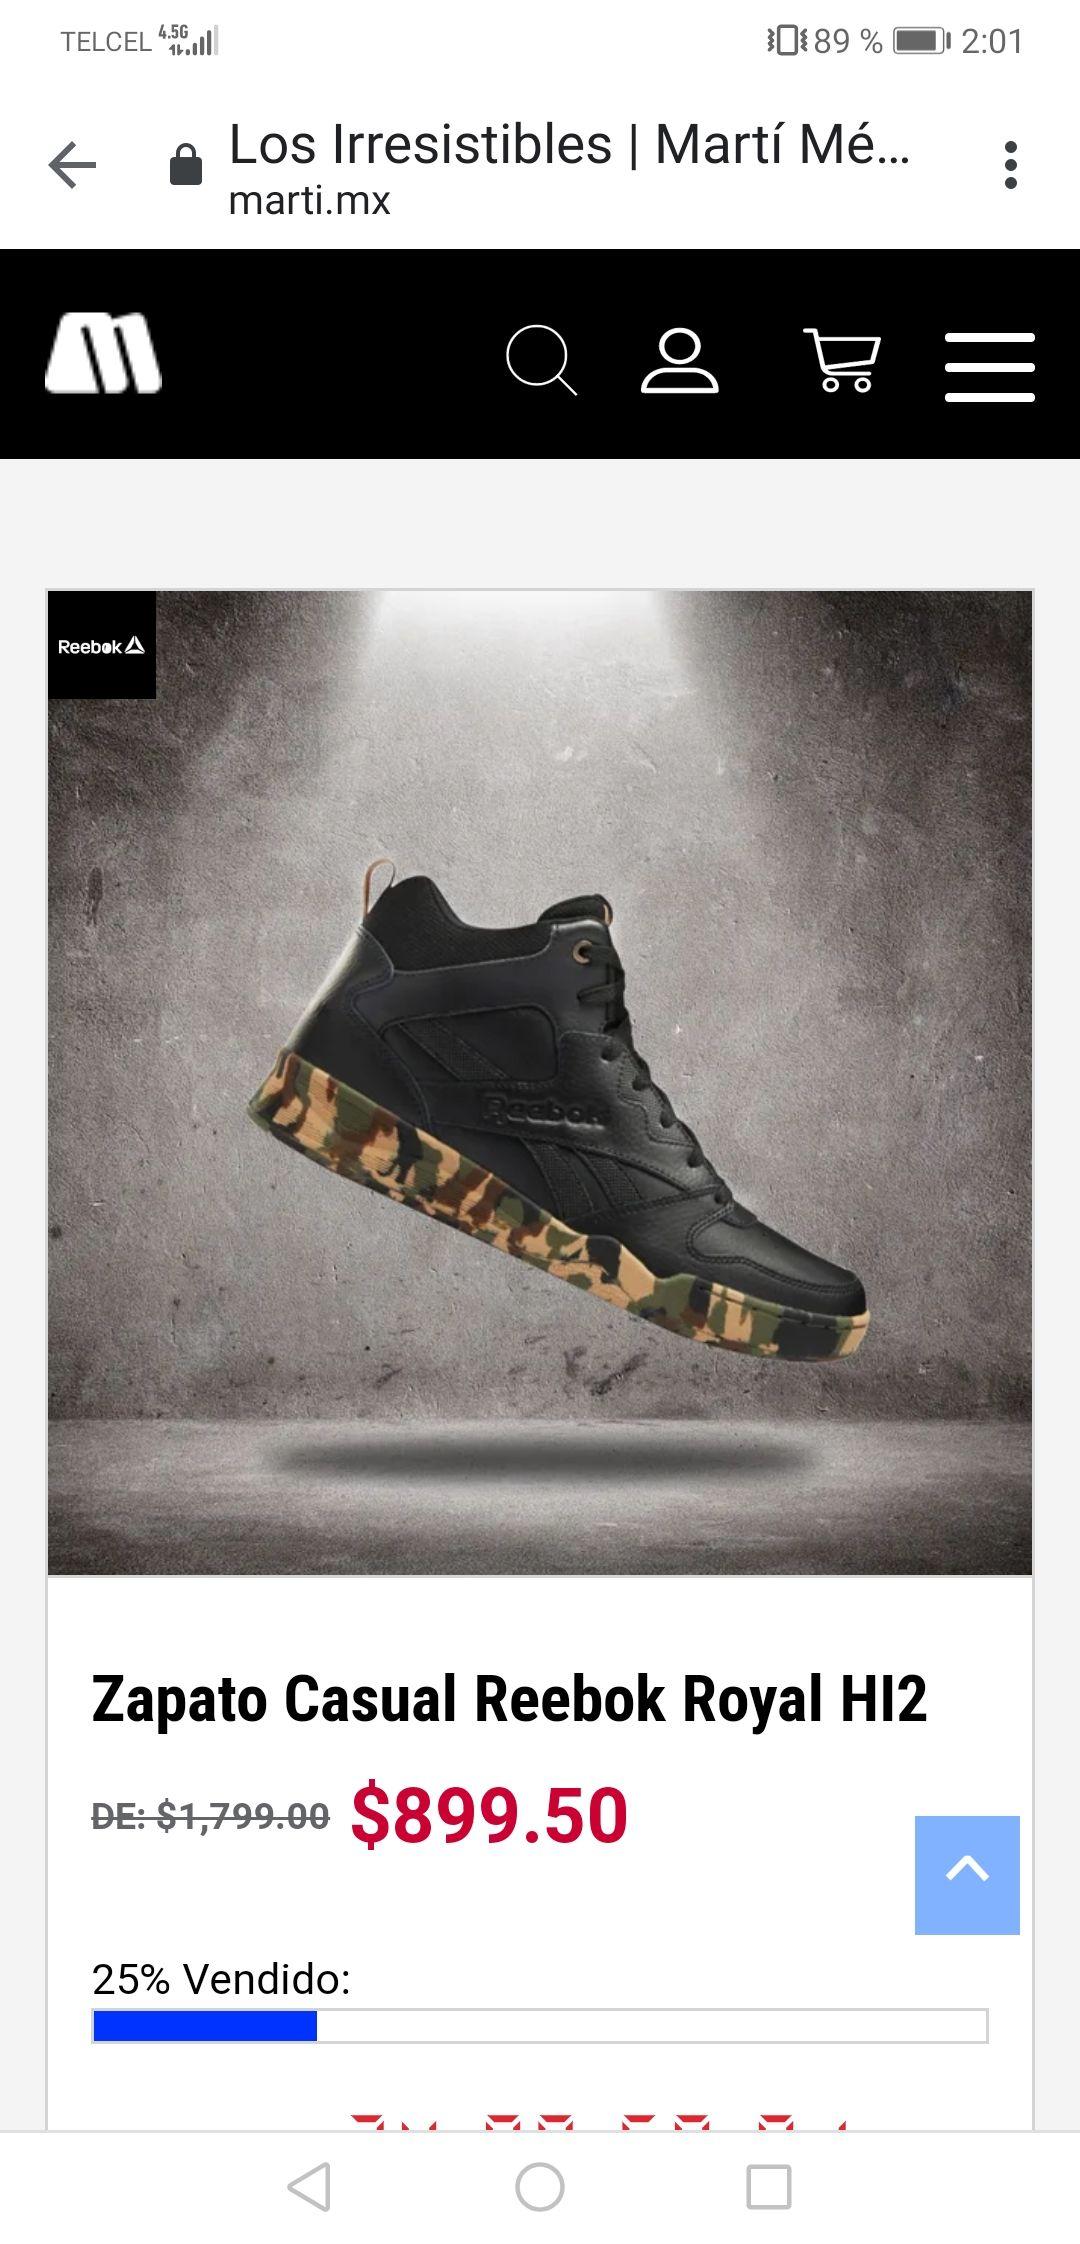 Martí: Zapato Casual Reebok Royal Hi2